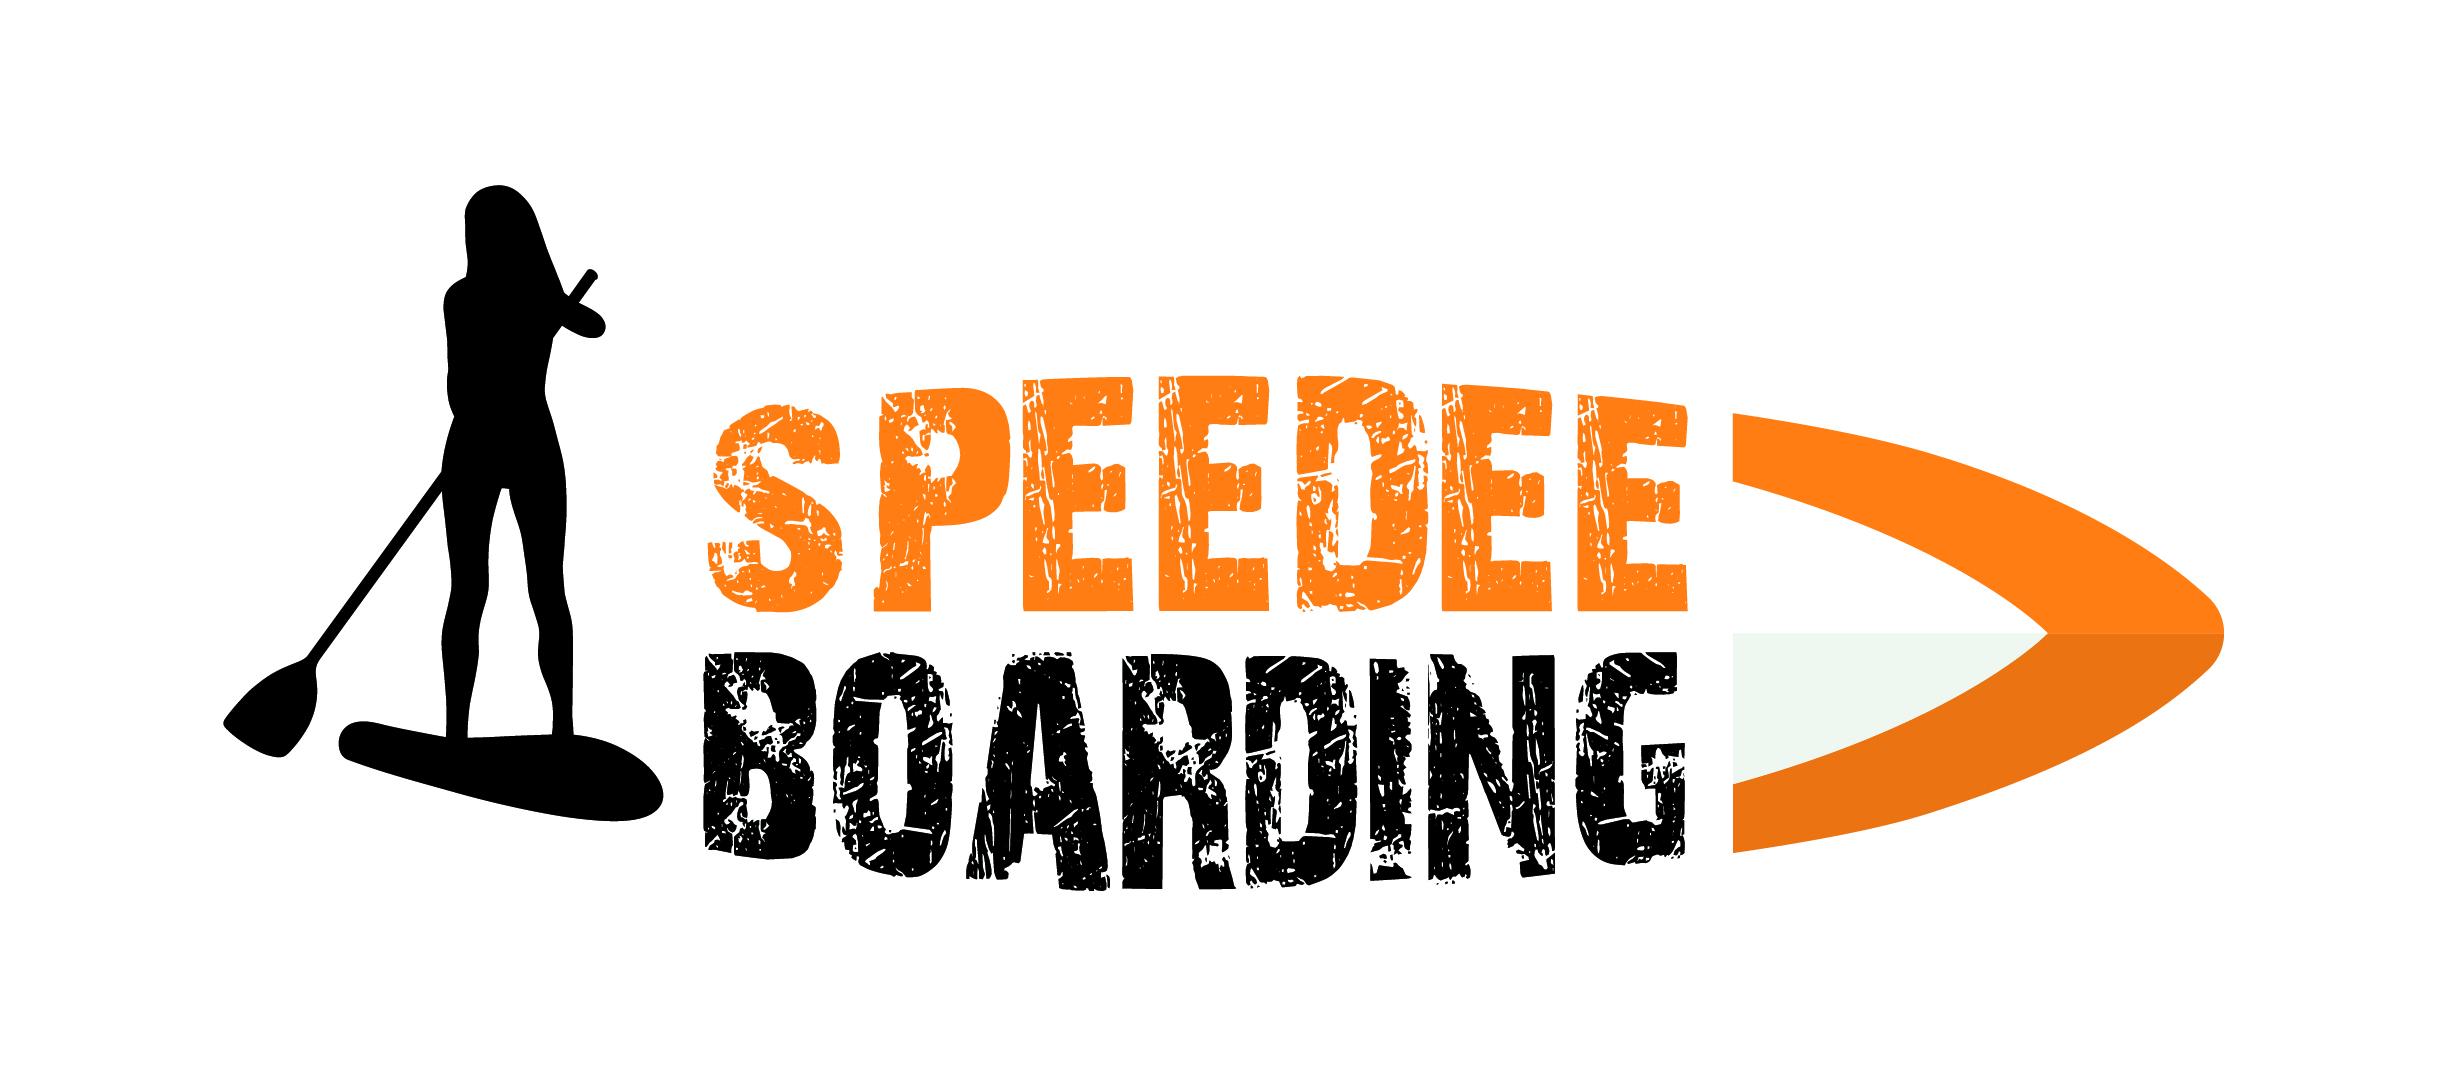 speedee boarders logo